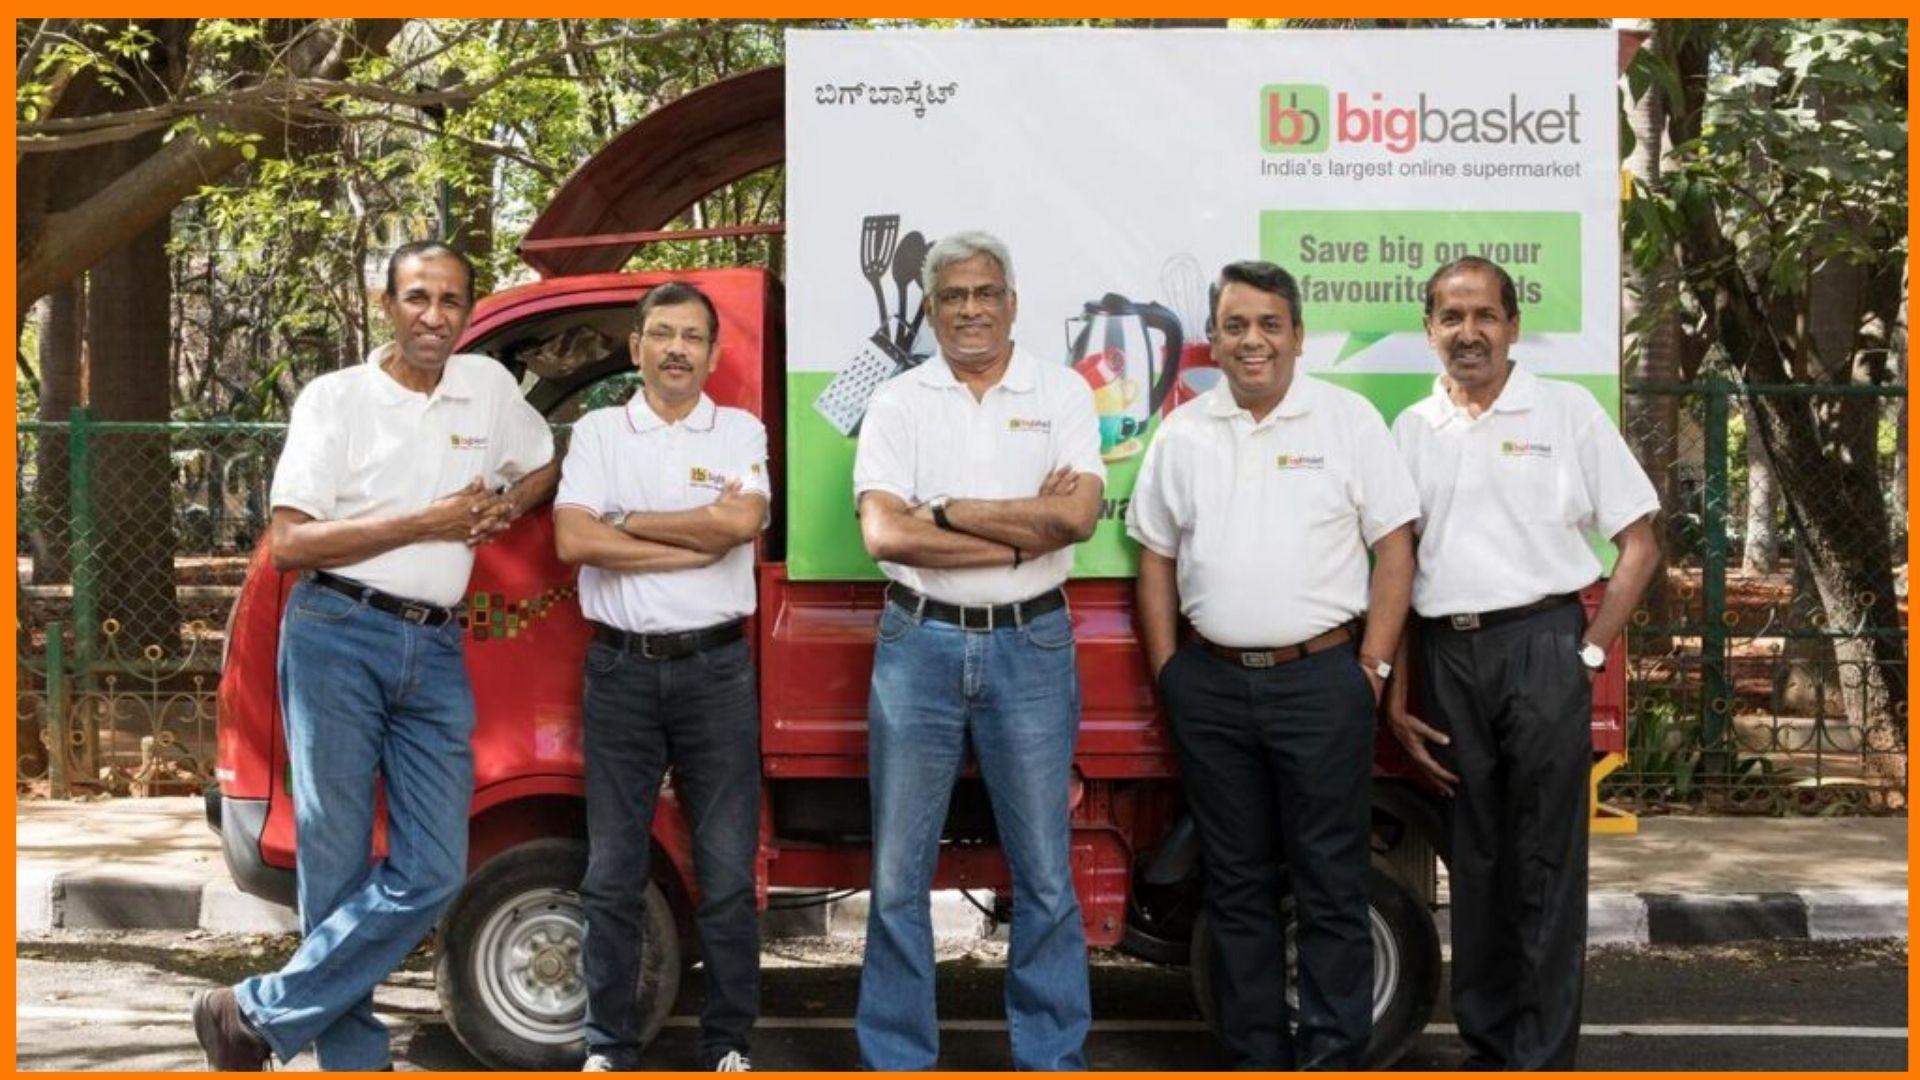 Founding team at BigBasket - Bigbasket owner